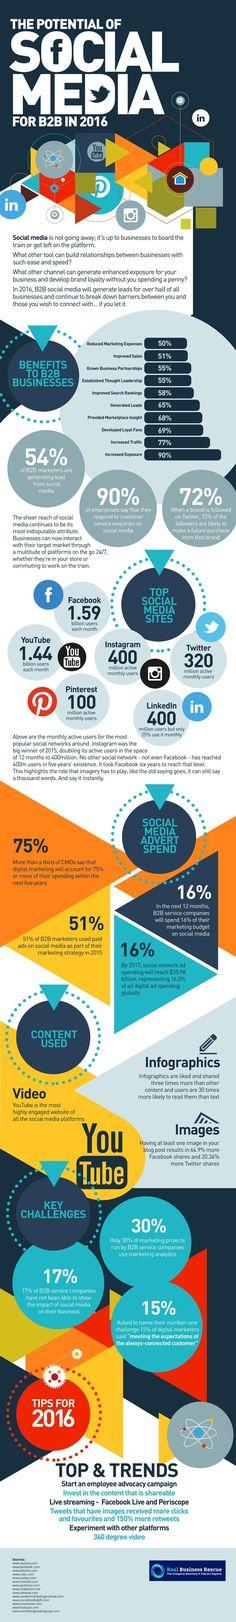 The Potential of Social Media for B2B in 2016 @Infographic #socialmedia